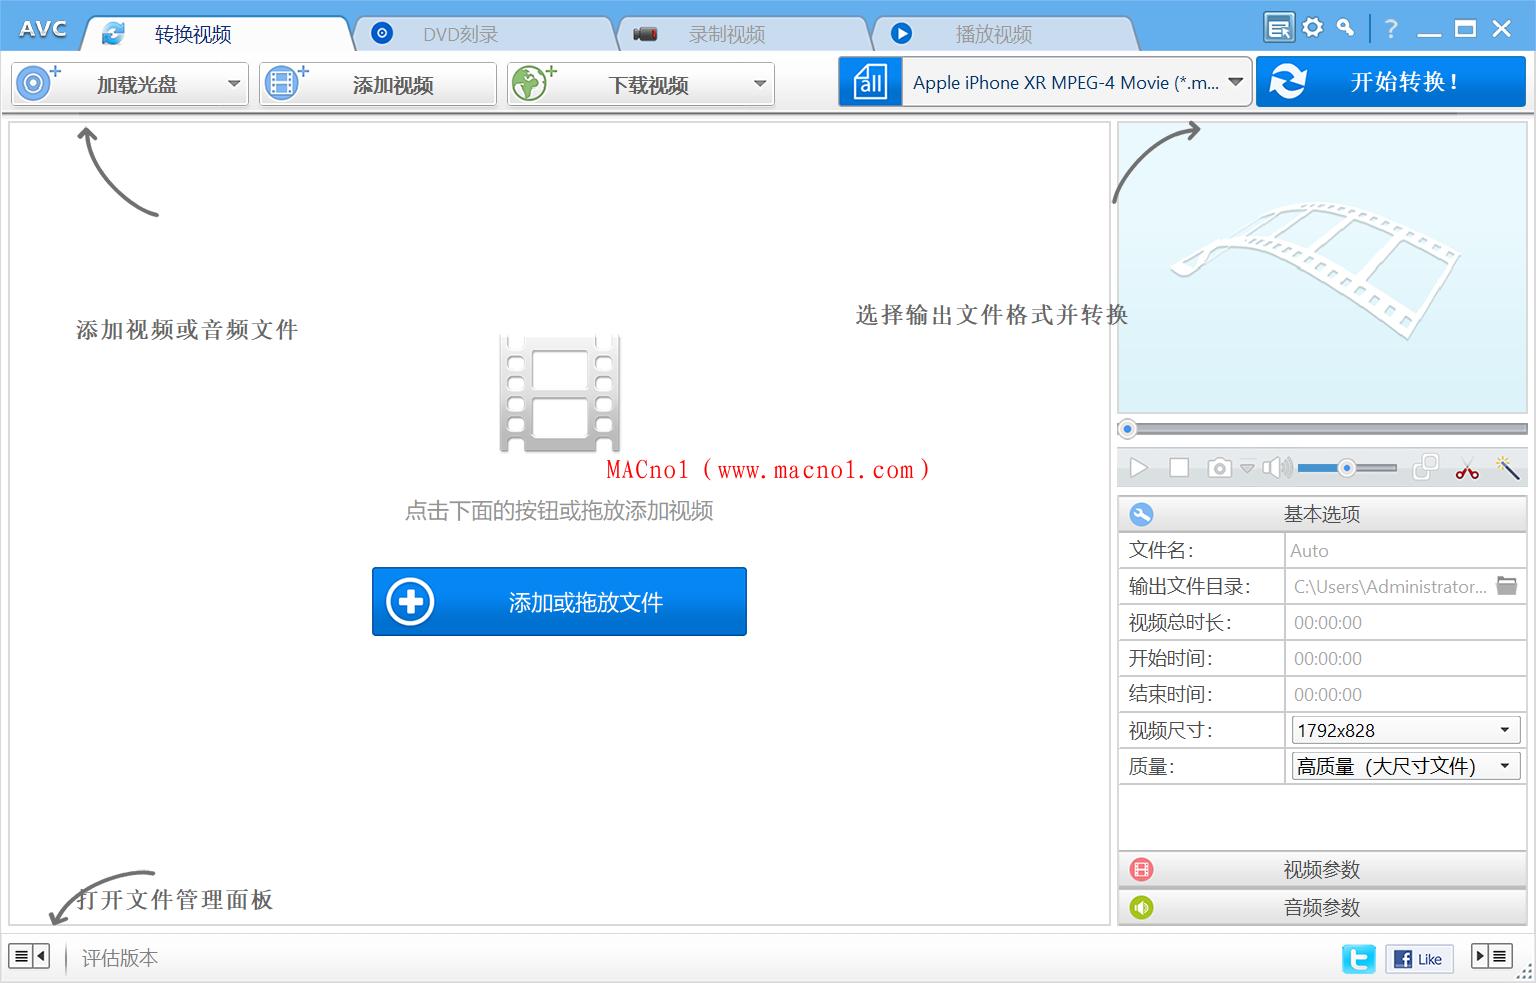 全能视频转换器 Any Video Converter 破解版 v7.0.3 中文破解版(附注册机)